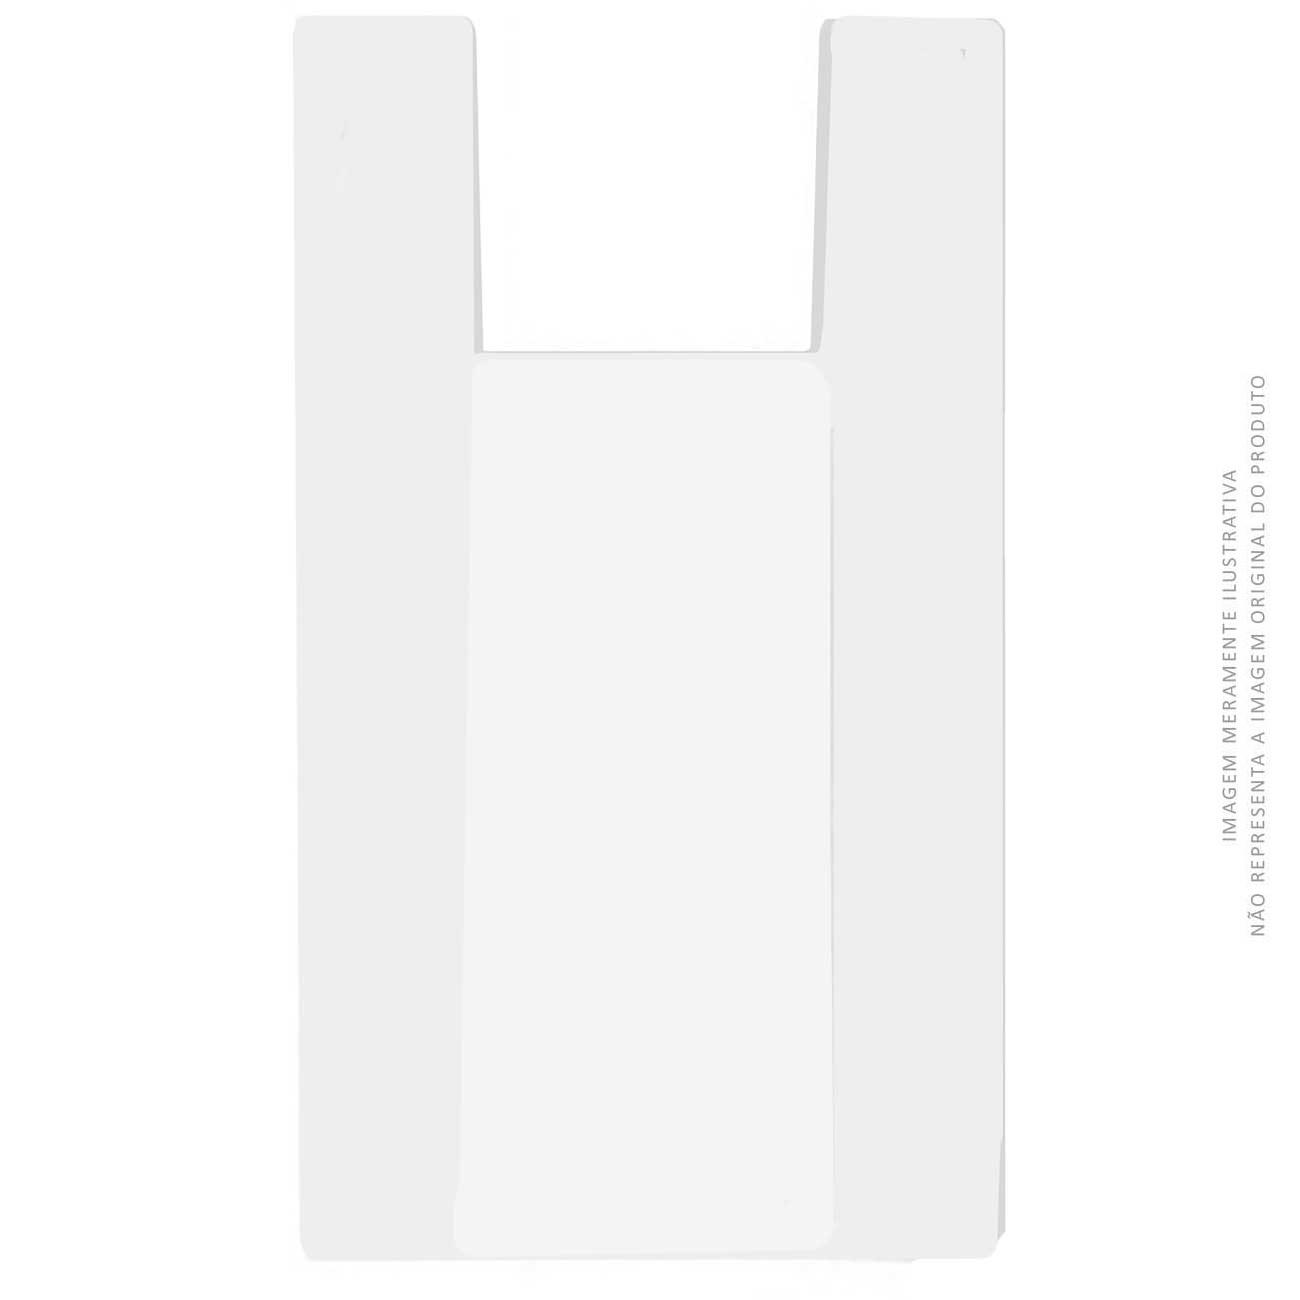 Sacola Plástica Forteplas Branca 50 x 60 | Caixa com 500 unidades